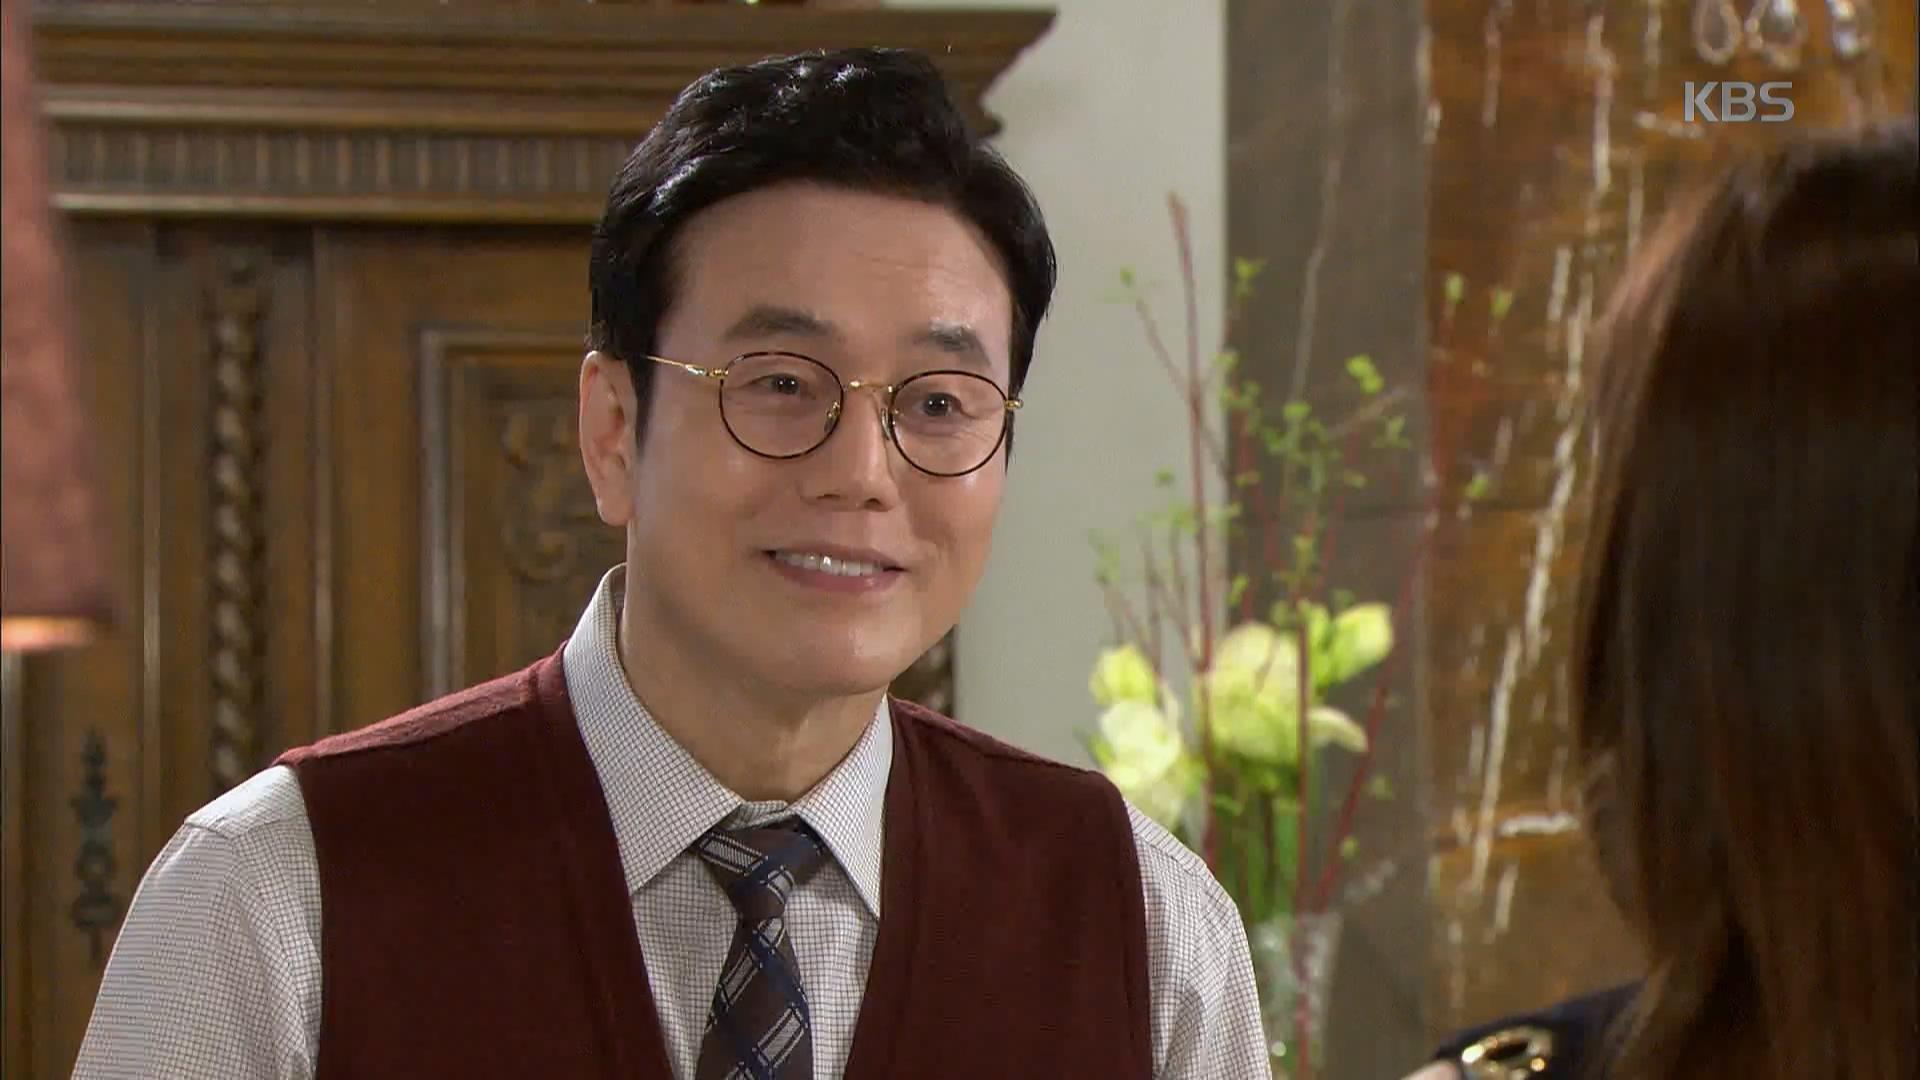 박찬환, 박하나에게도 아프리카 의료봉사 가겠다고 말했다.